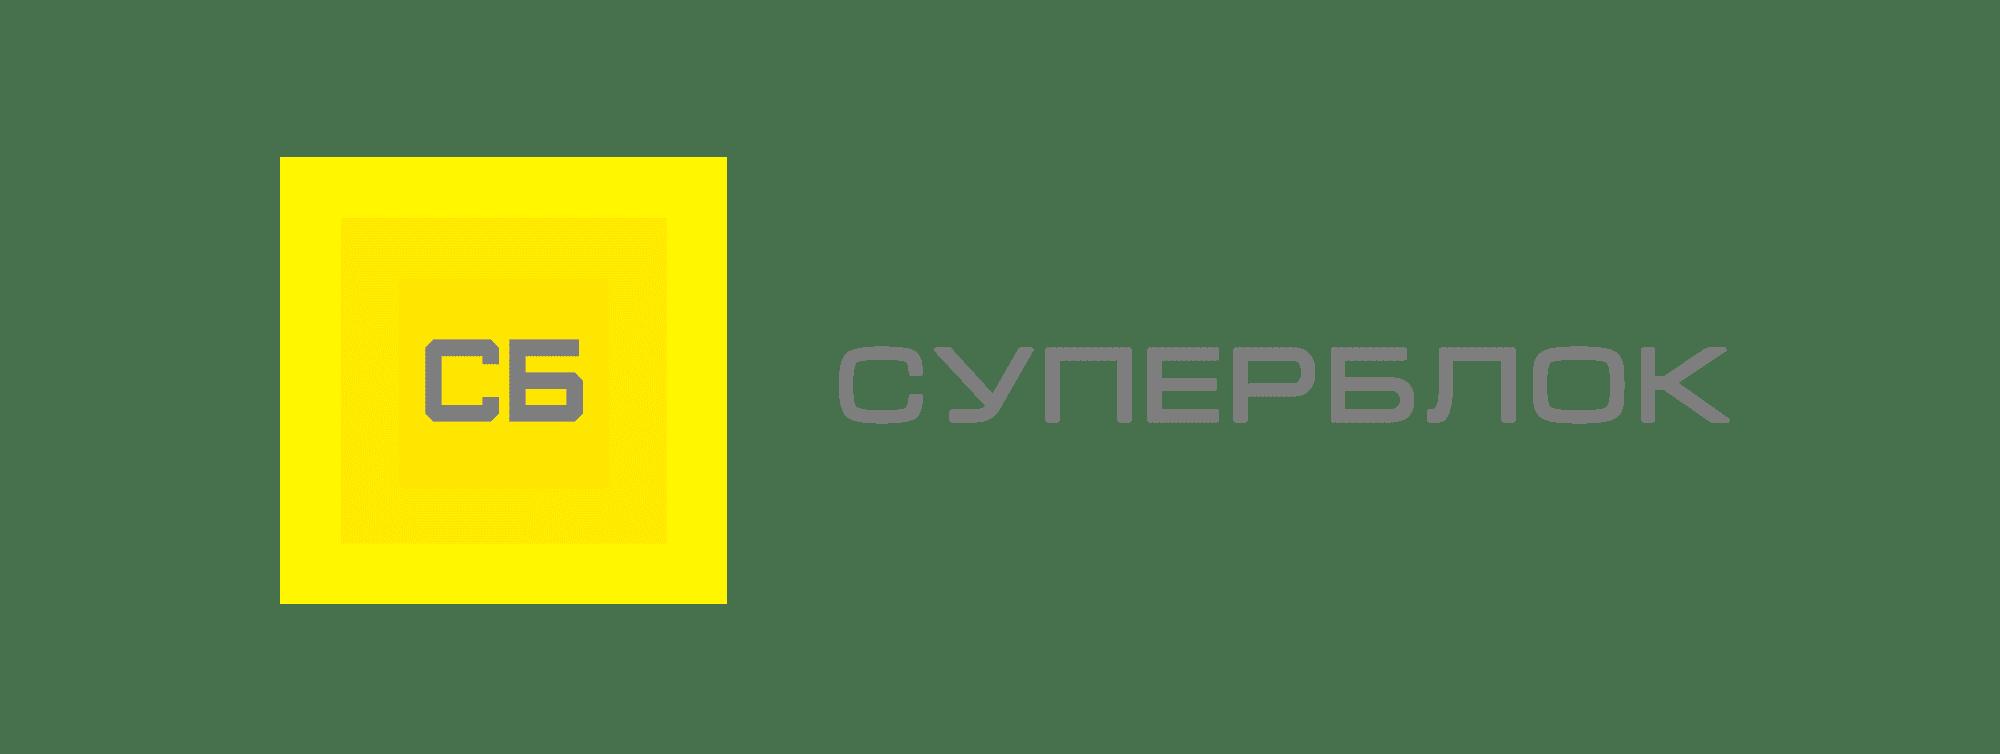 Суперблок компания